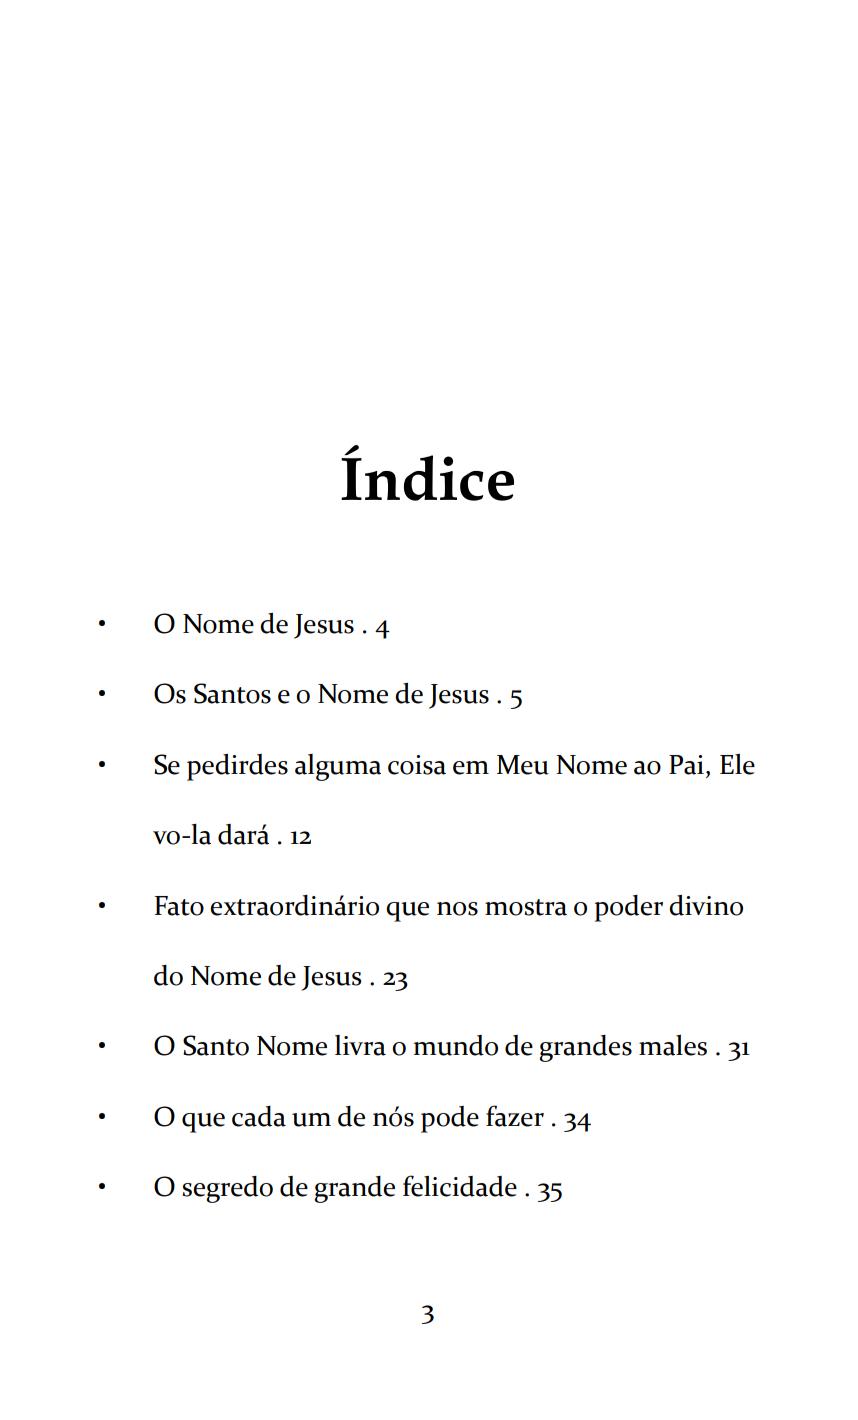 O Santíssimo Nome de Jesus